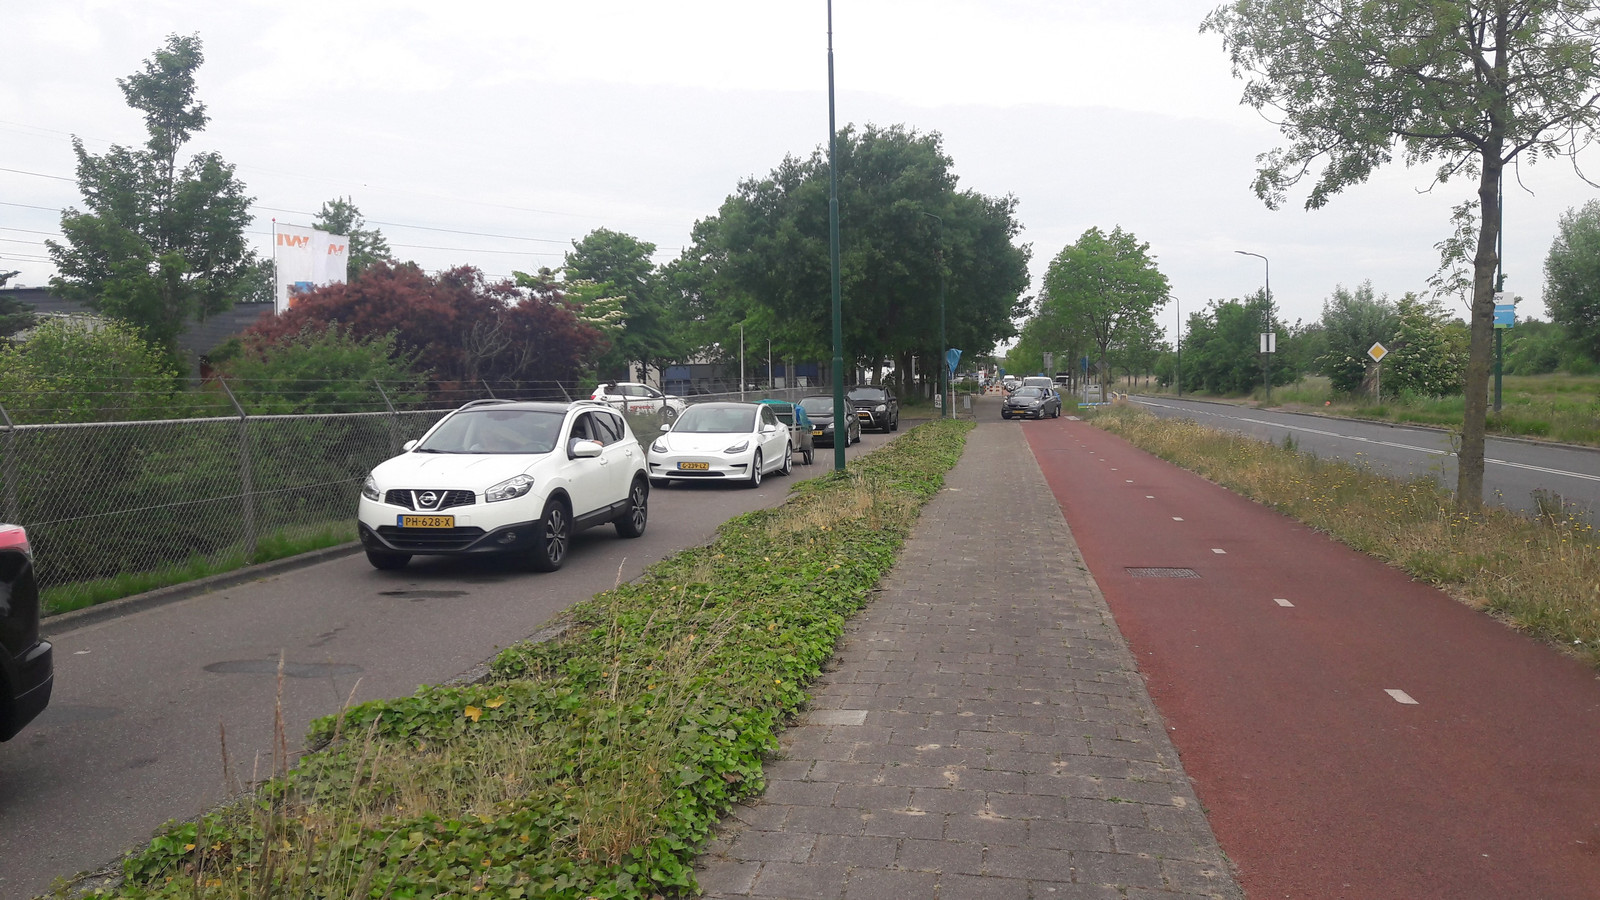 Drukte bij het afvalbrengstation in Veenendaal op de dag na Hemelvaartsdag.